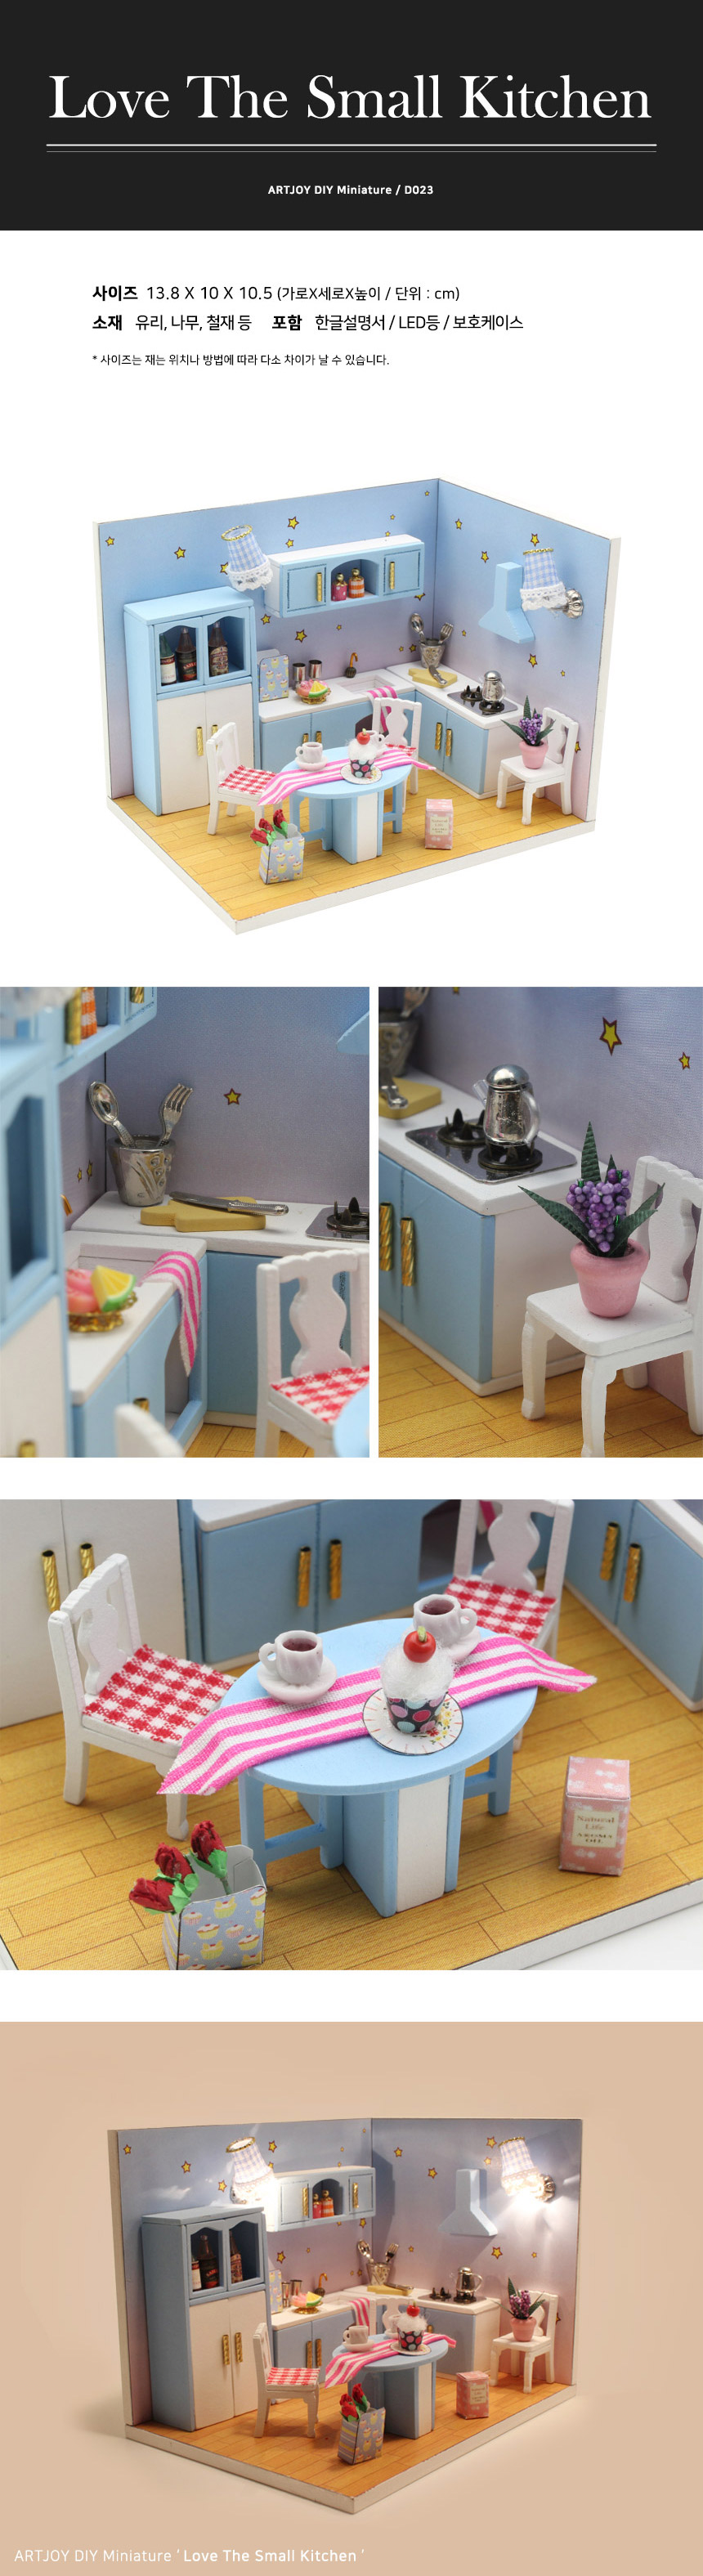 아트조이 DIY 미니어처하우스 Love The Small Kitchen - 아트조이, 13,100원, 미니어처 DIY, 미니어처 만들기 패키지